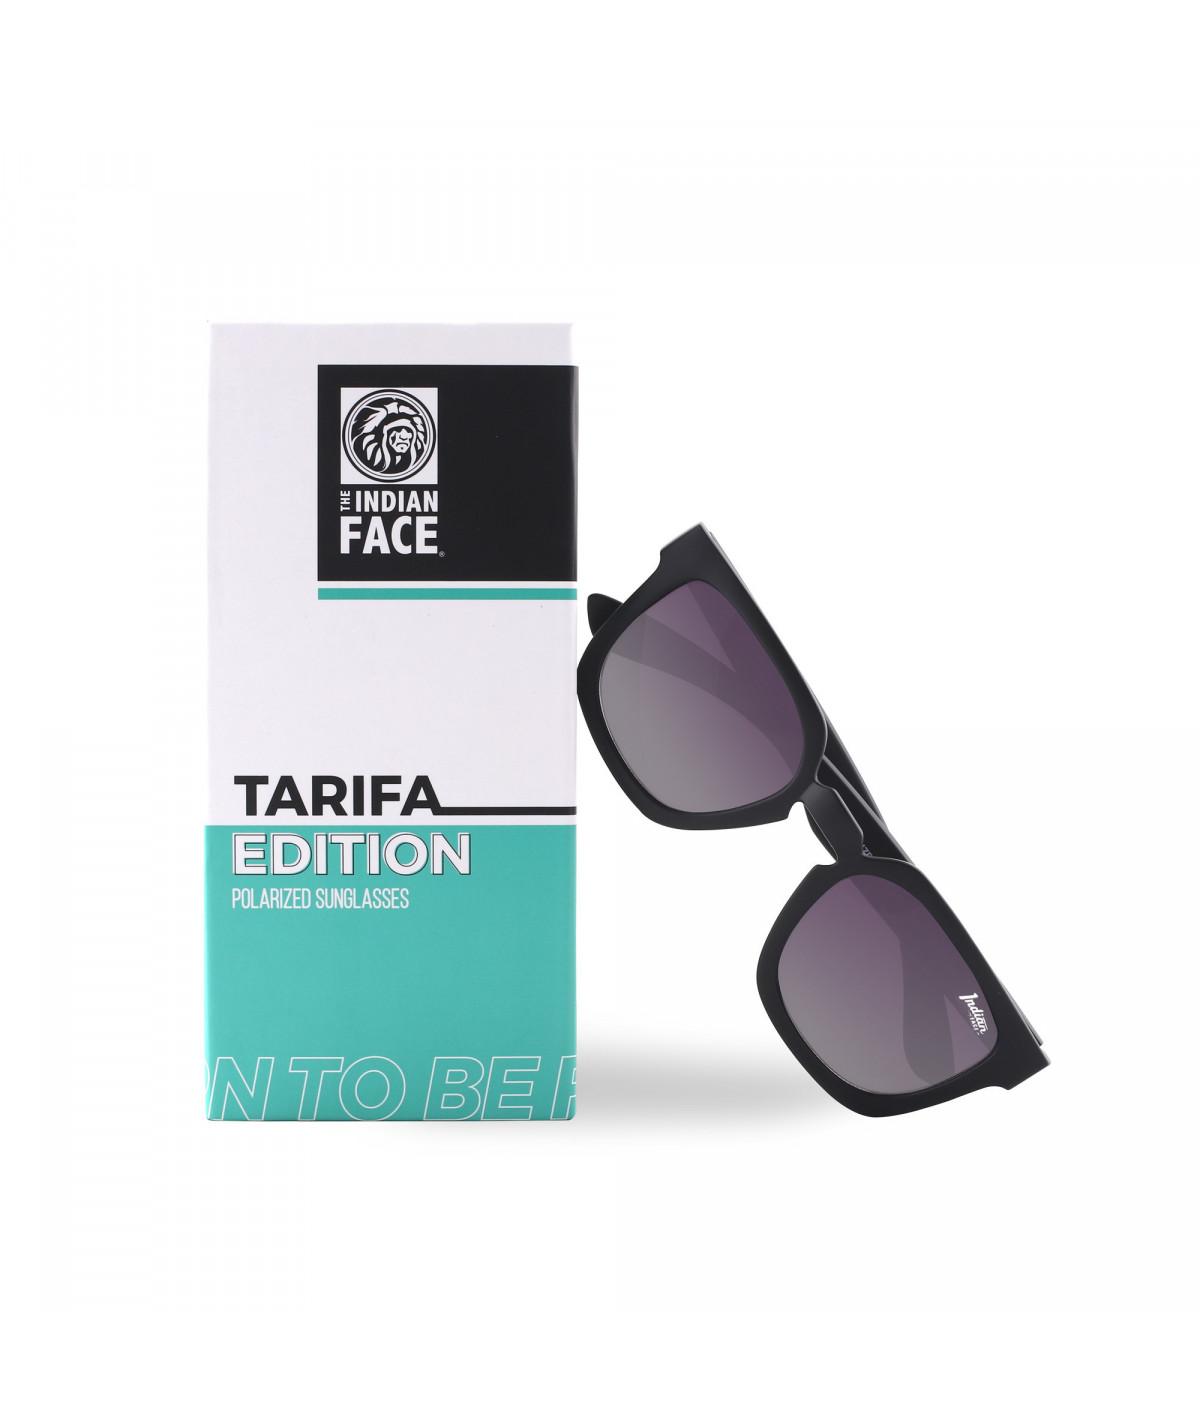 Lápiz de ojos automático waterproof 09 Olive-Palladio